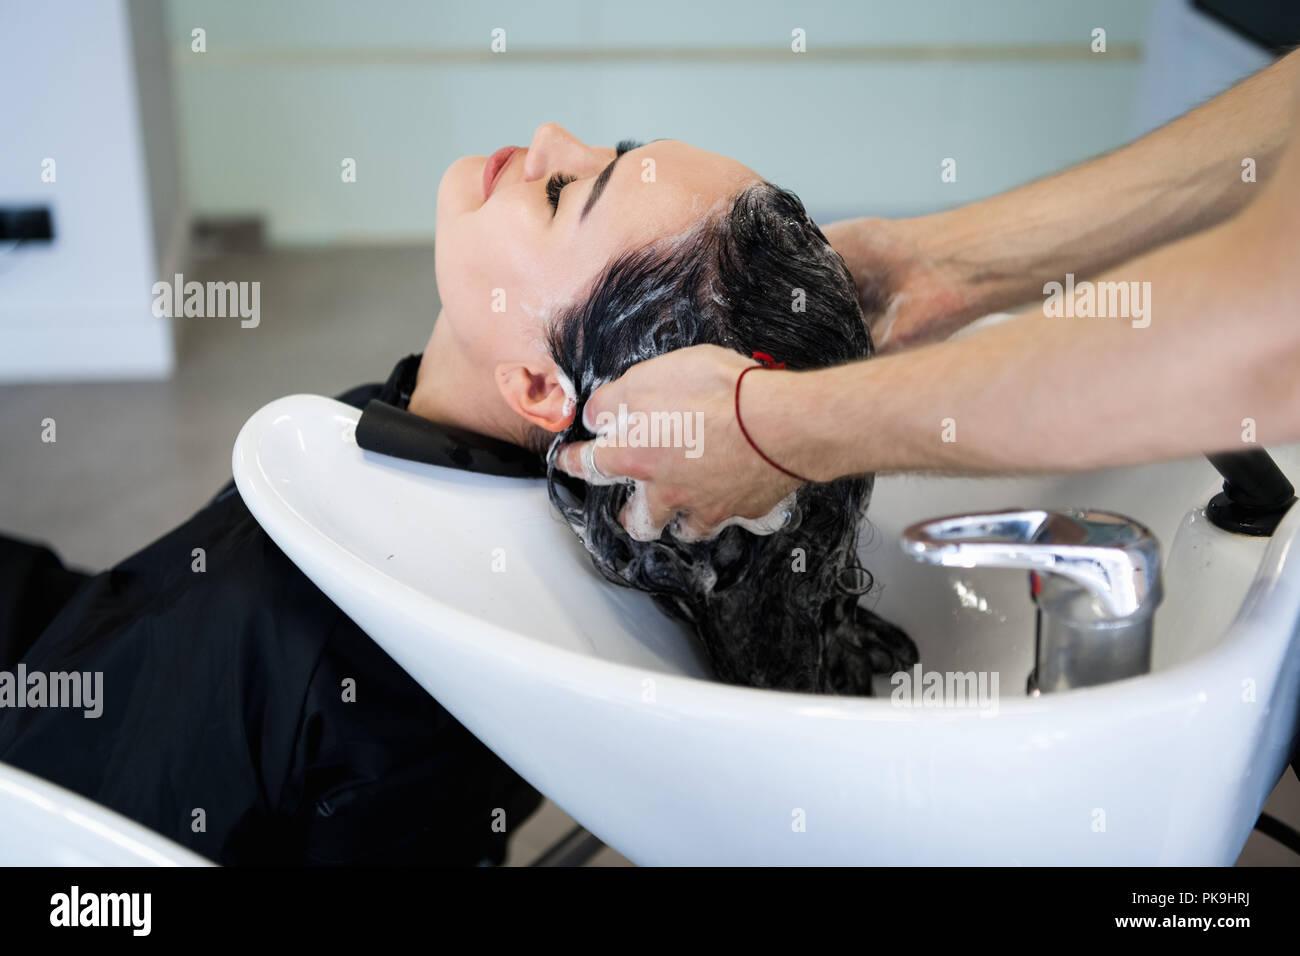 Schöne Brünette wäscht Haar in einem Schönheitssalon Stockbild